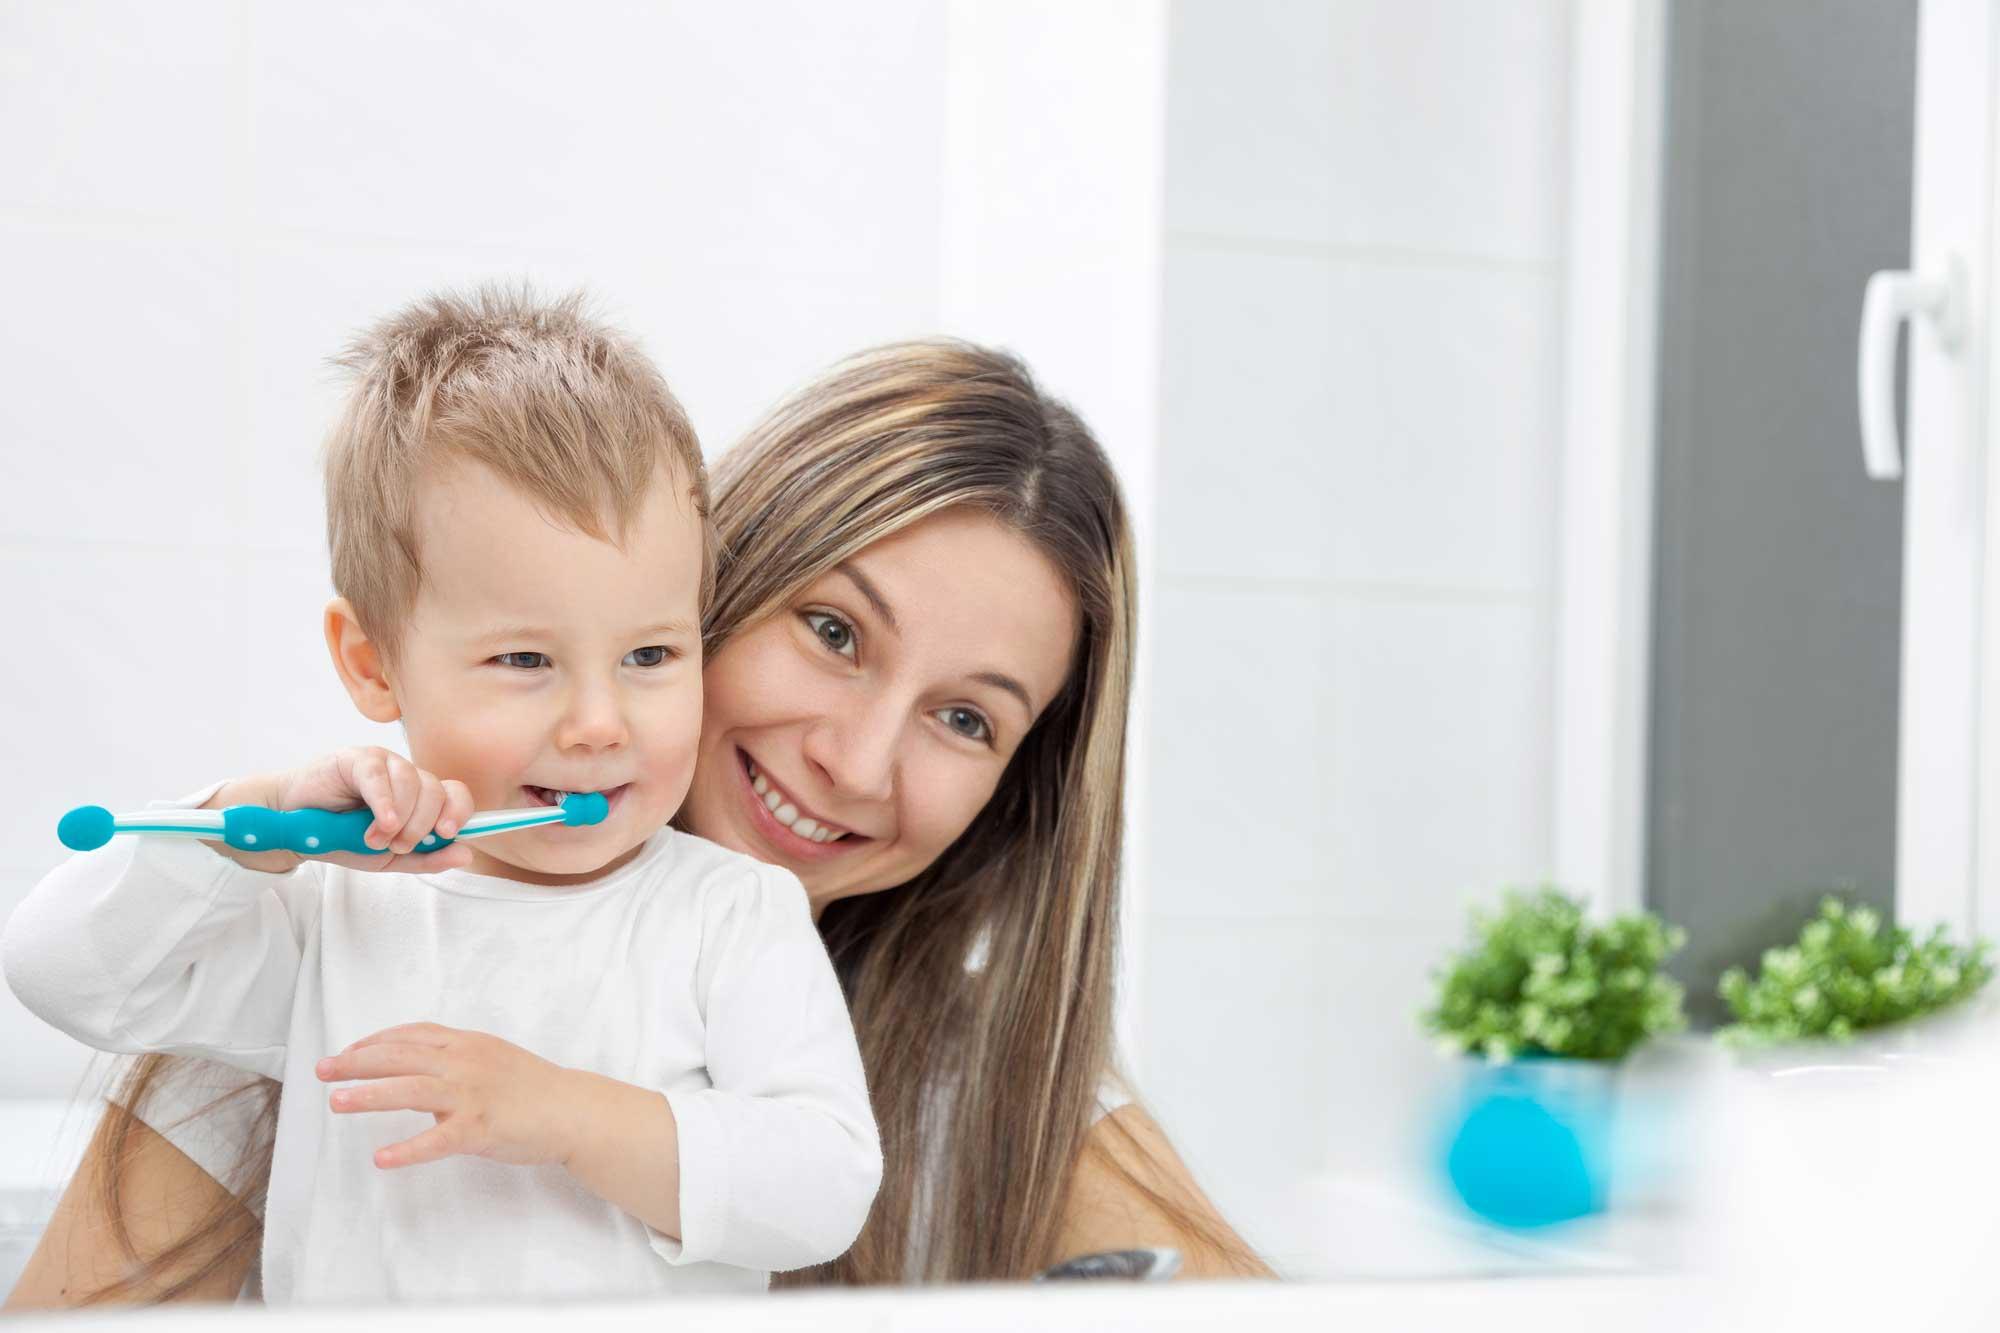 cuidar dos dentes das crianças